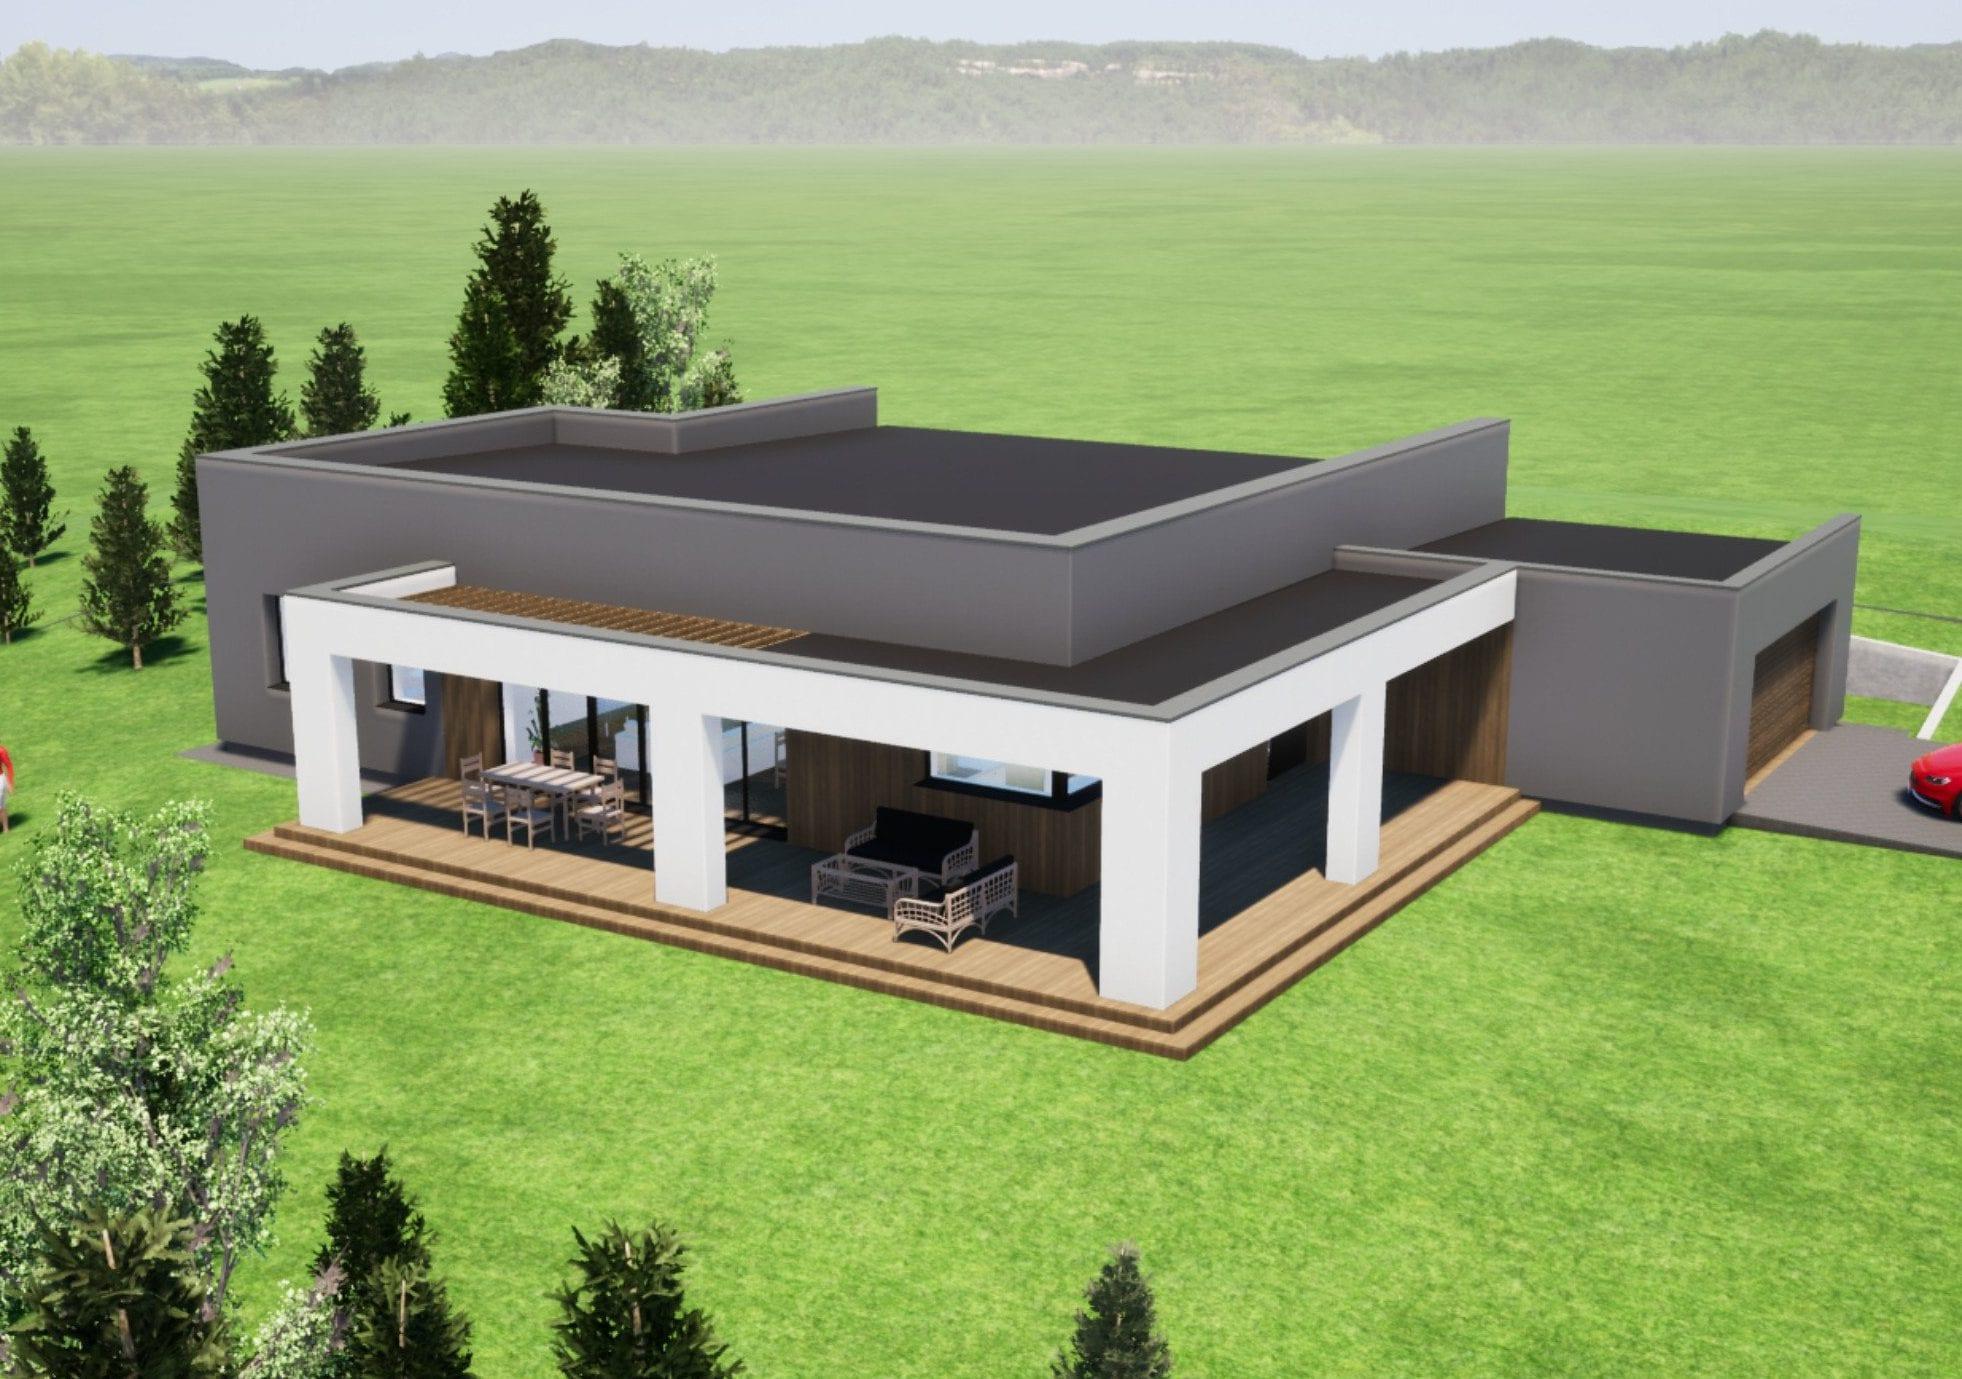 Modernaus vieno aukšto gyvenamojo namo projektas. ID 055